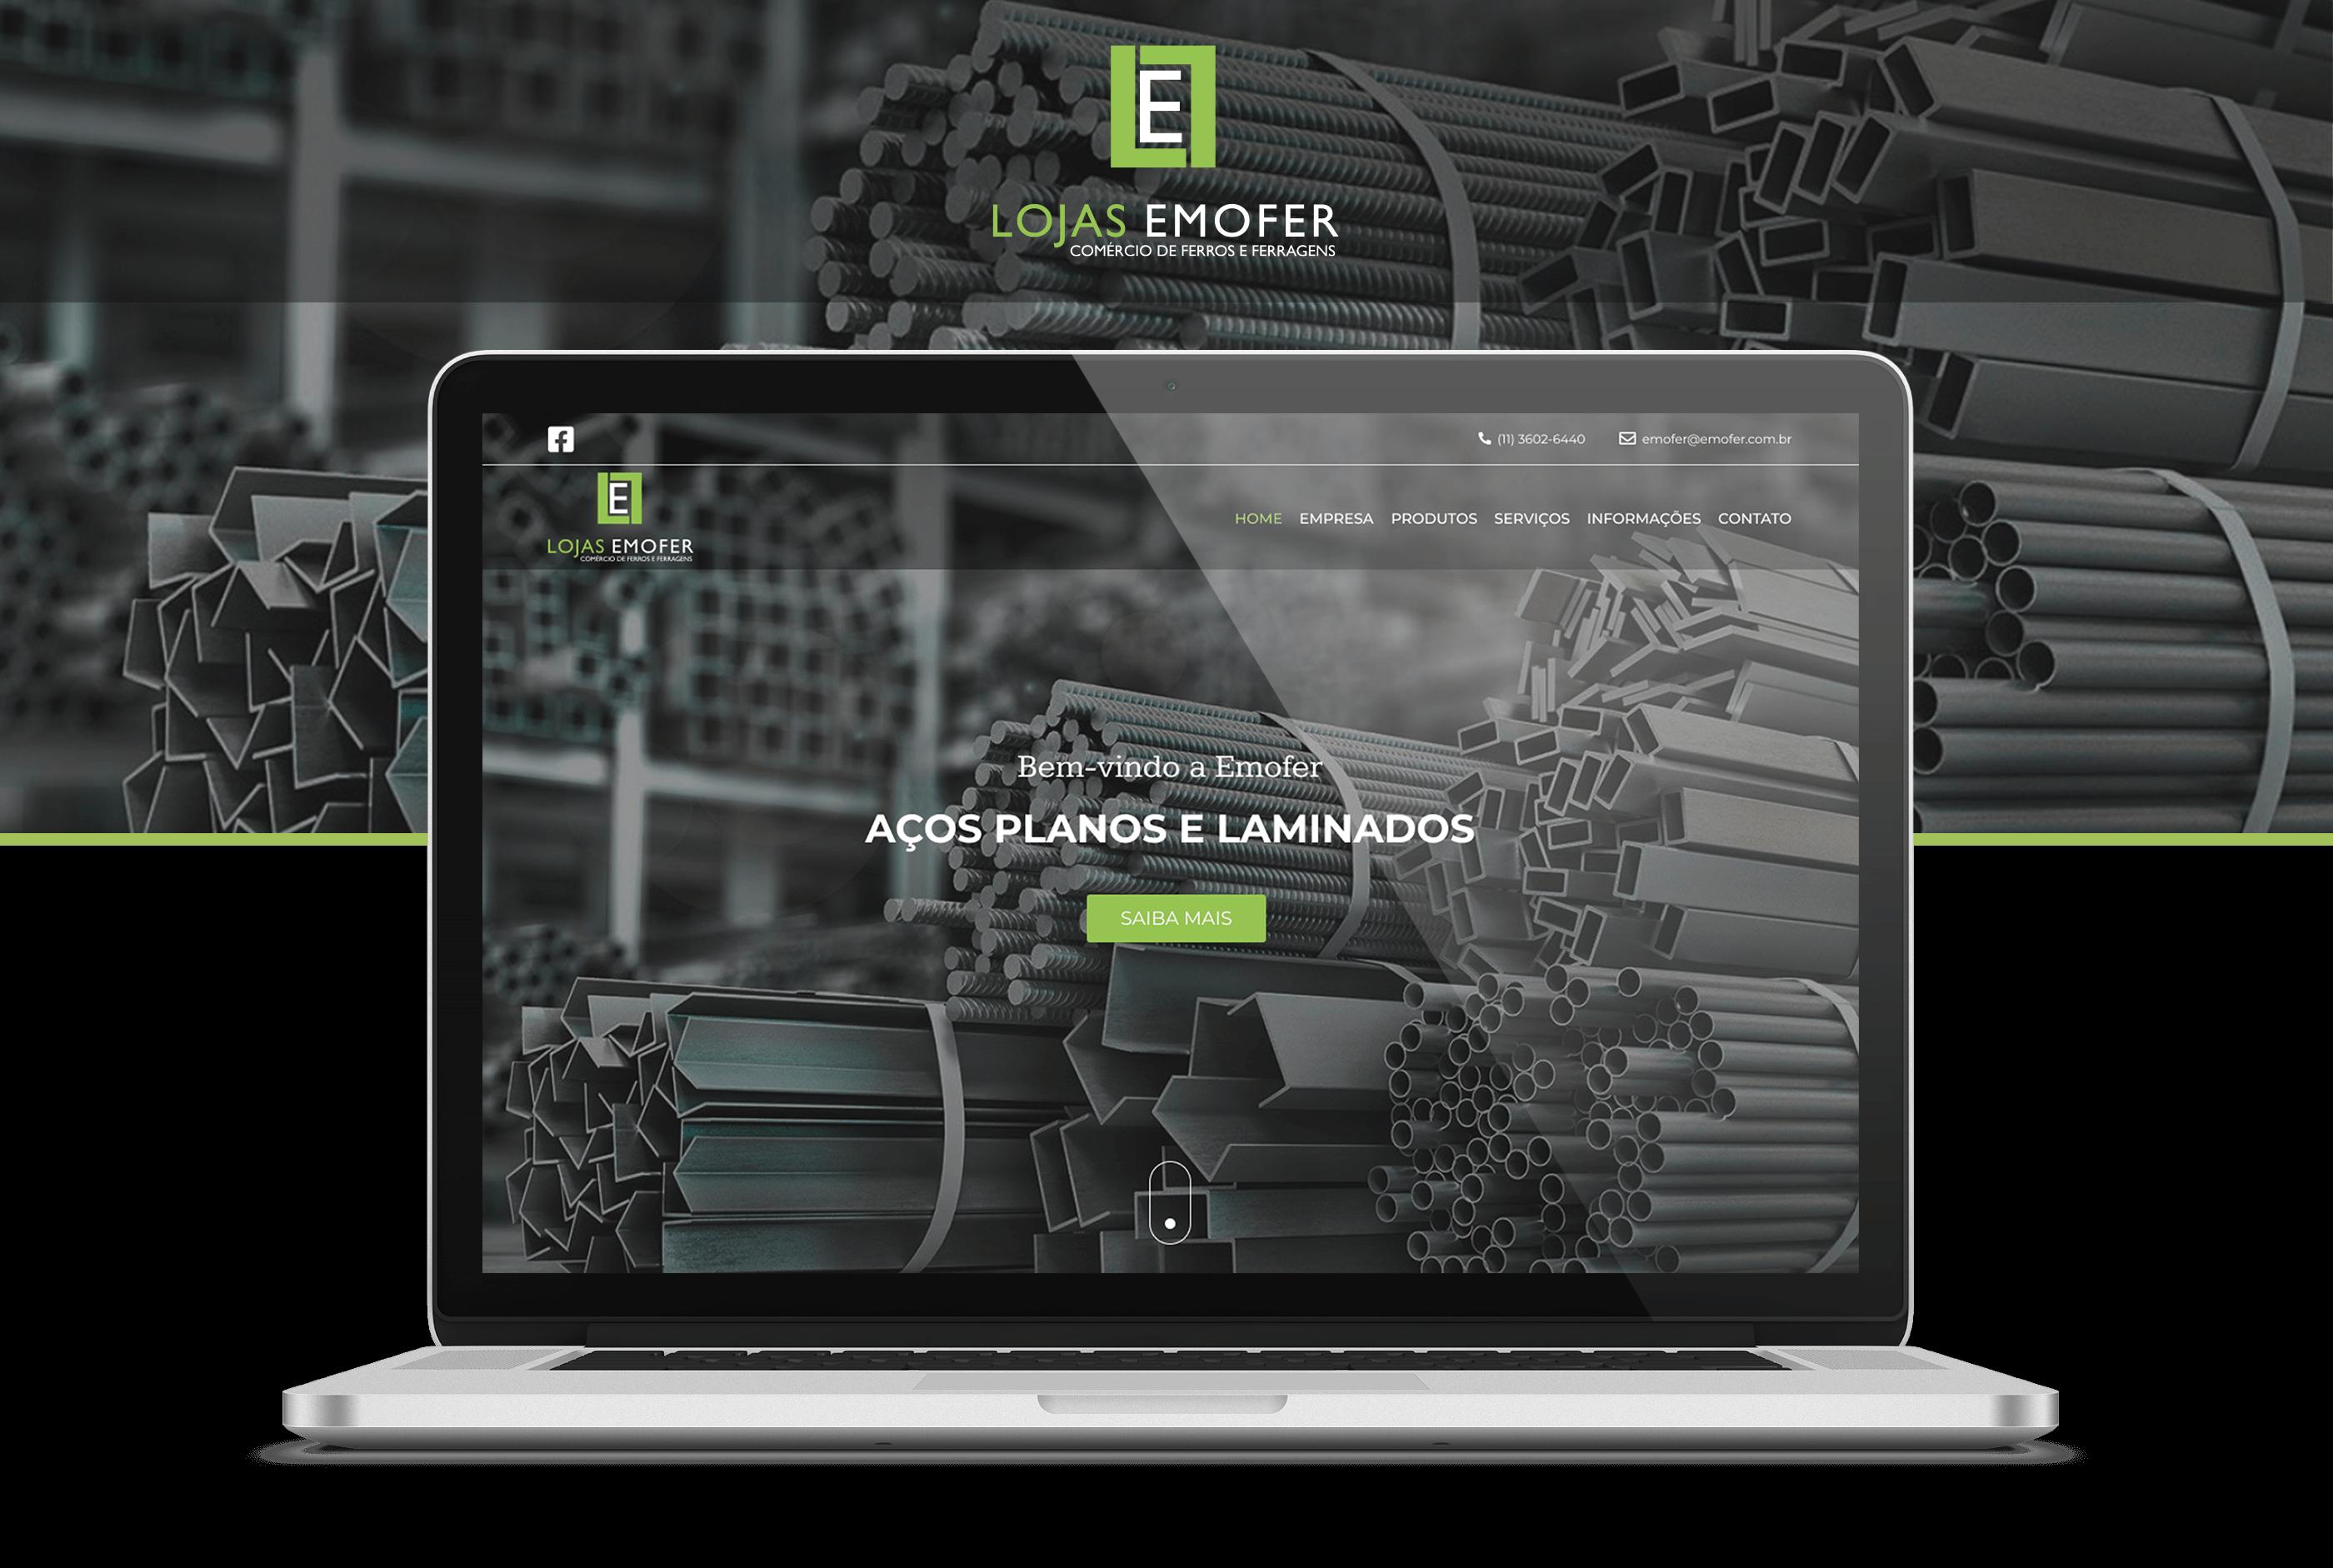 Projeto Lojas Emofer - Goognet Solução Digital